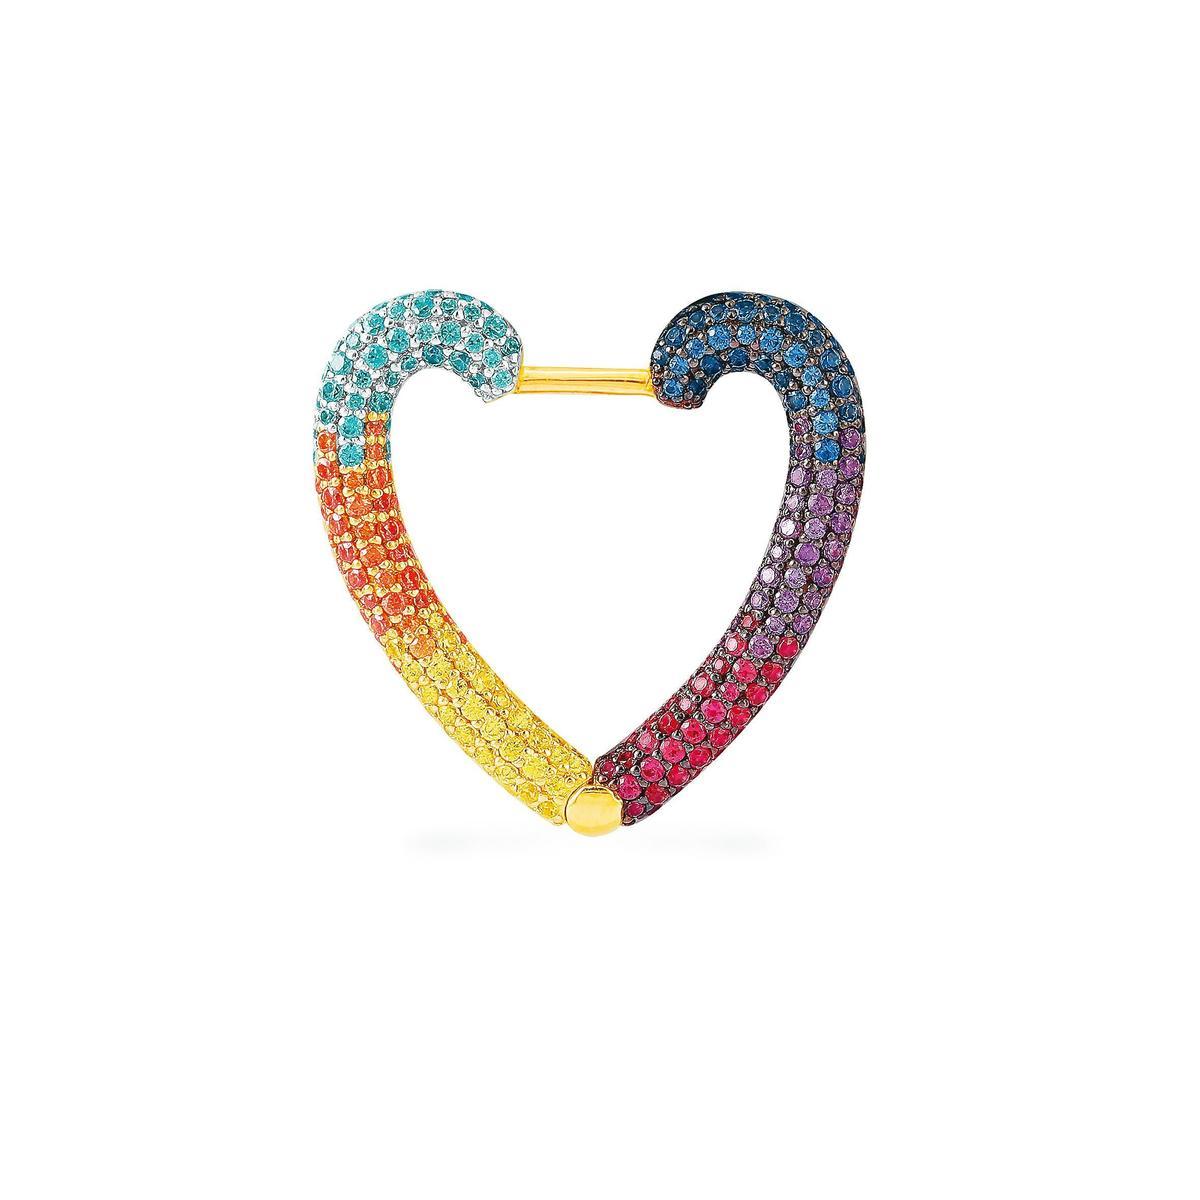 單只彩虹心形耳環 NT$6,000(APM Monaco提供)